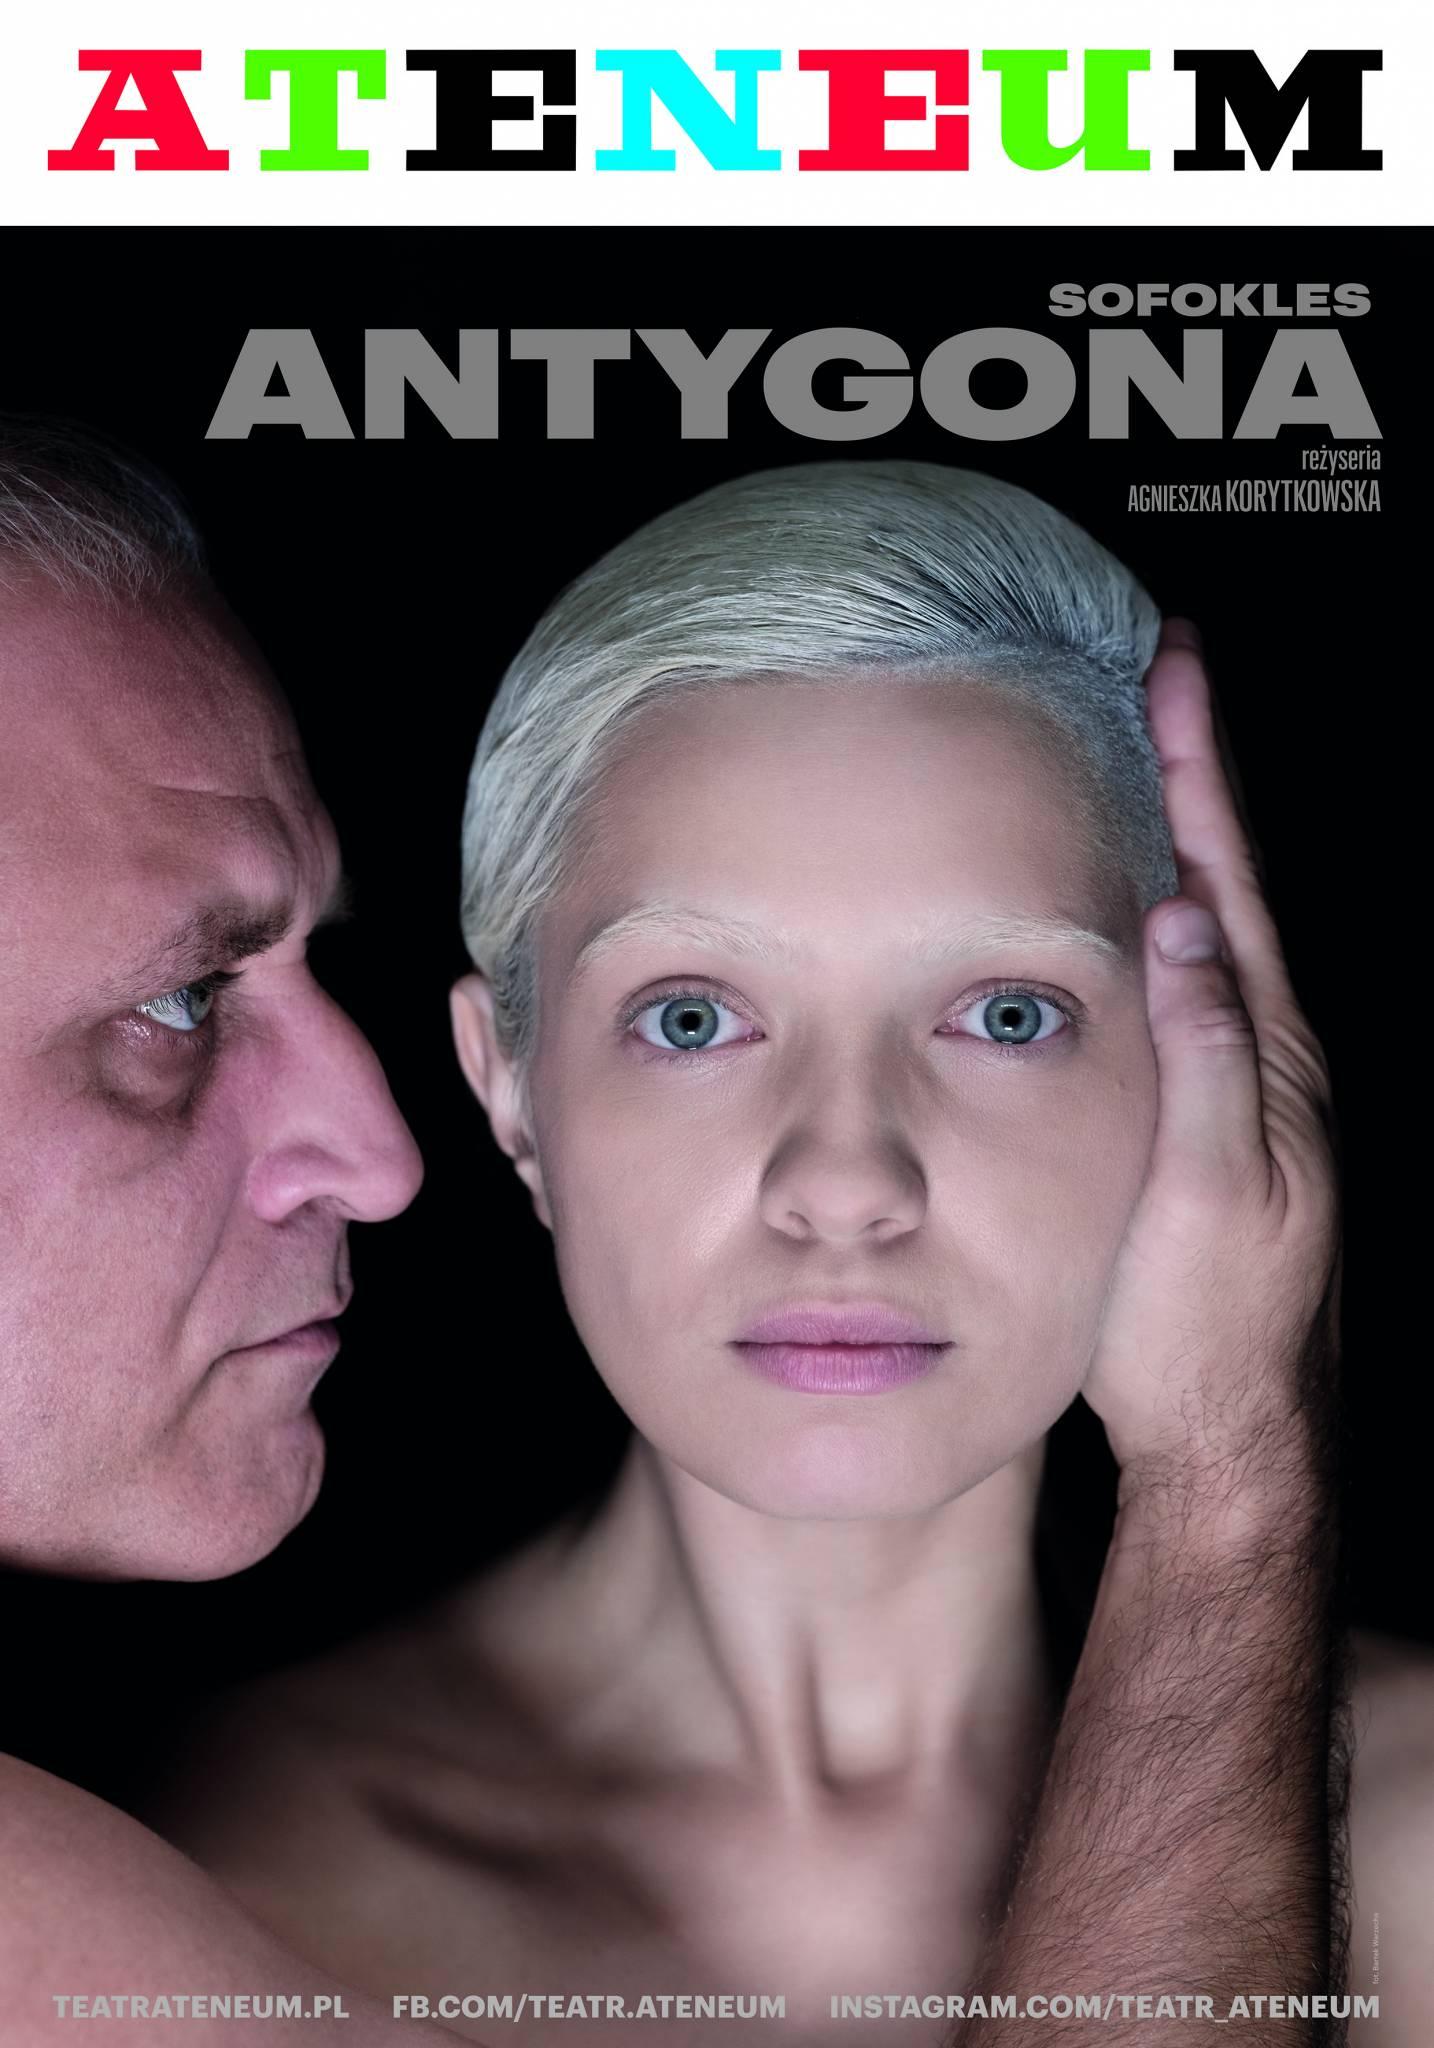 Teatr Ateneum w Warszawie: Antygona - mityczne Me too